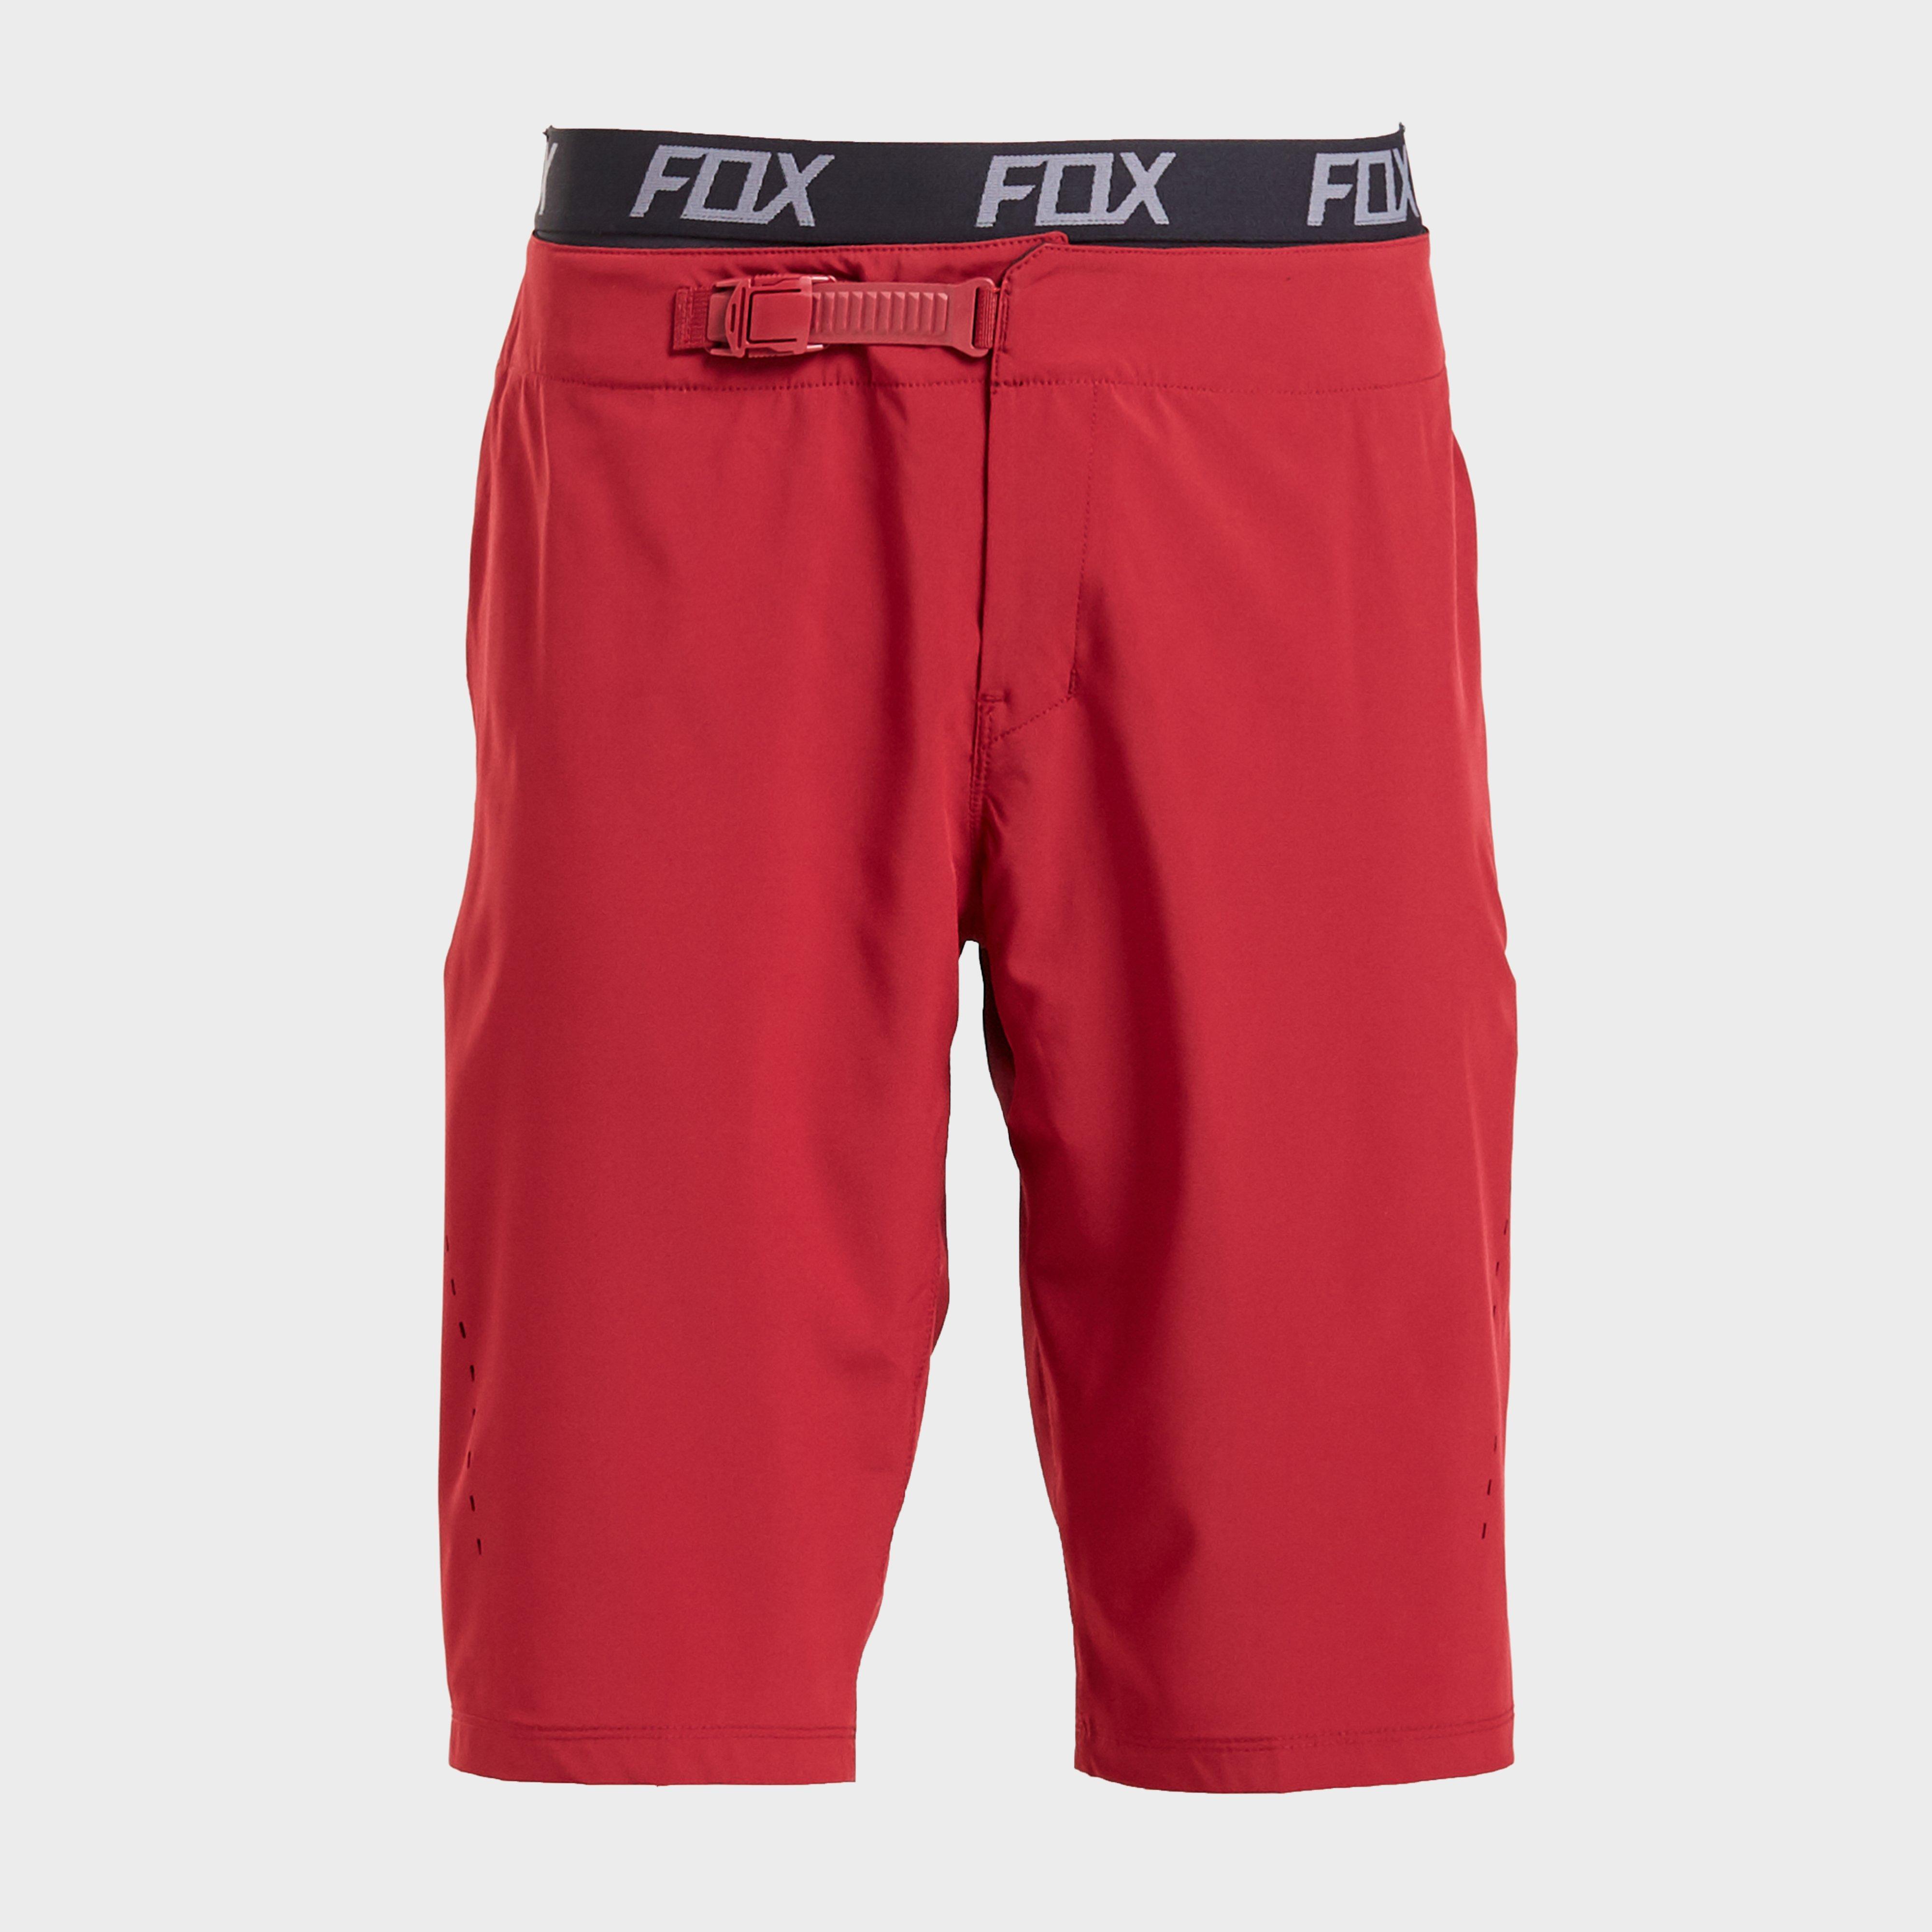 FOX Fox Flexair Lite Shorts, Red